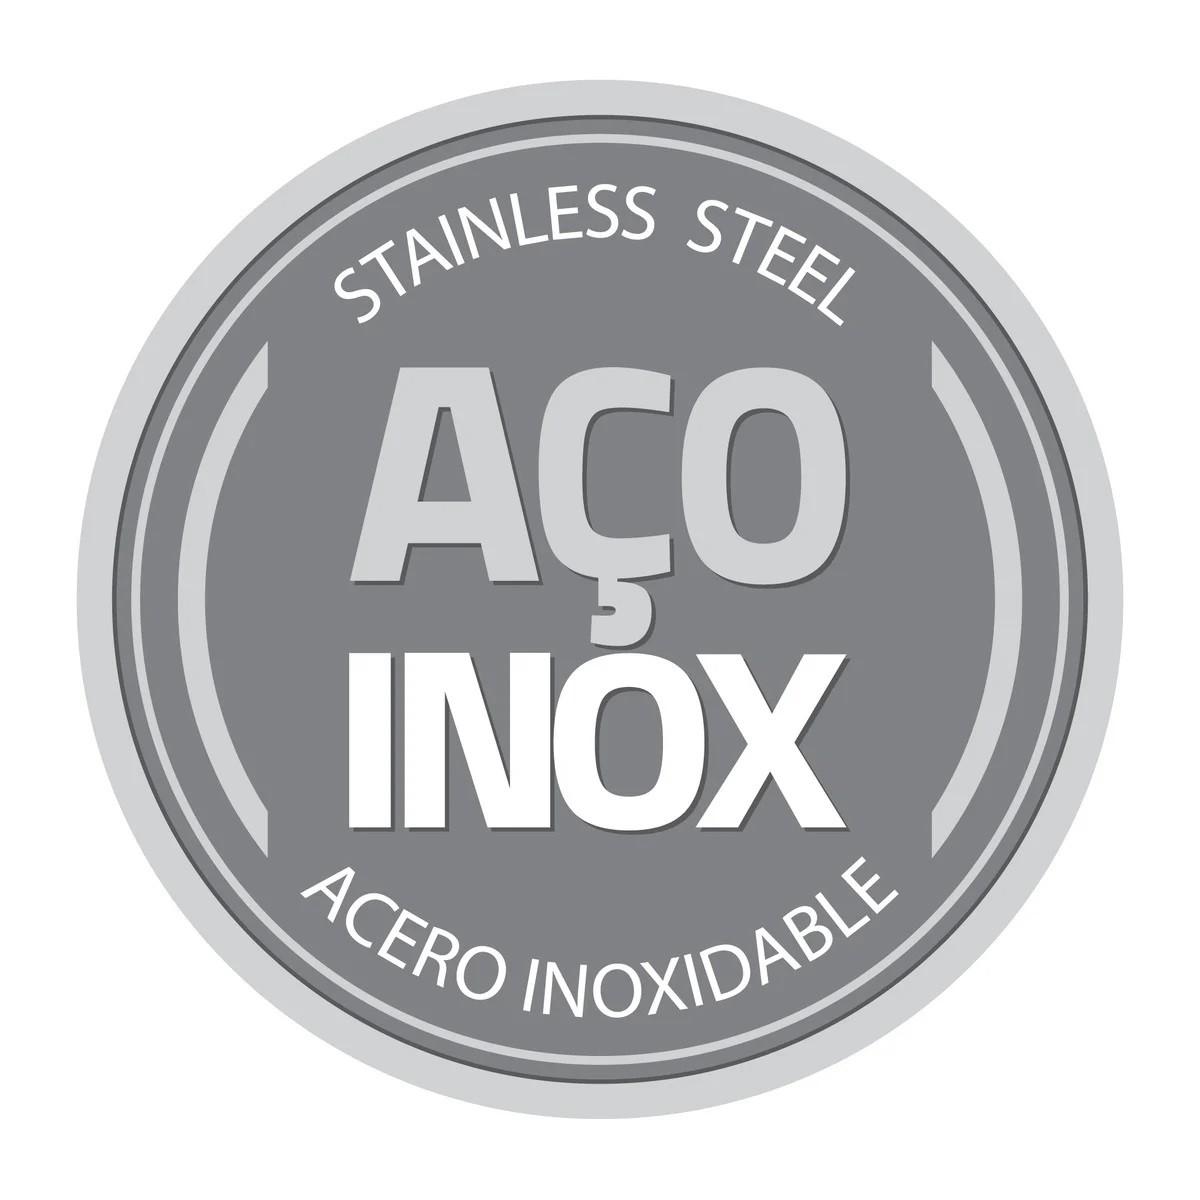 Caçarola Funda Inox Professional 24cm Tramontina  - Sua Casa Gourmet e Cia